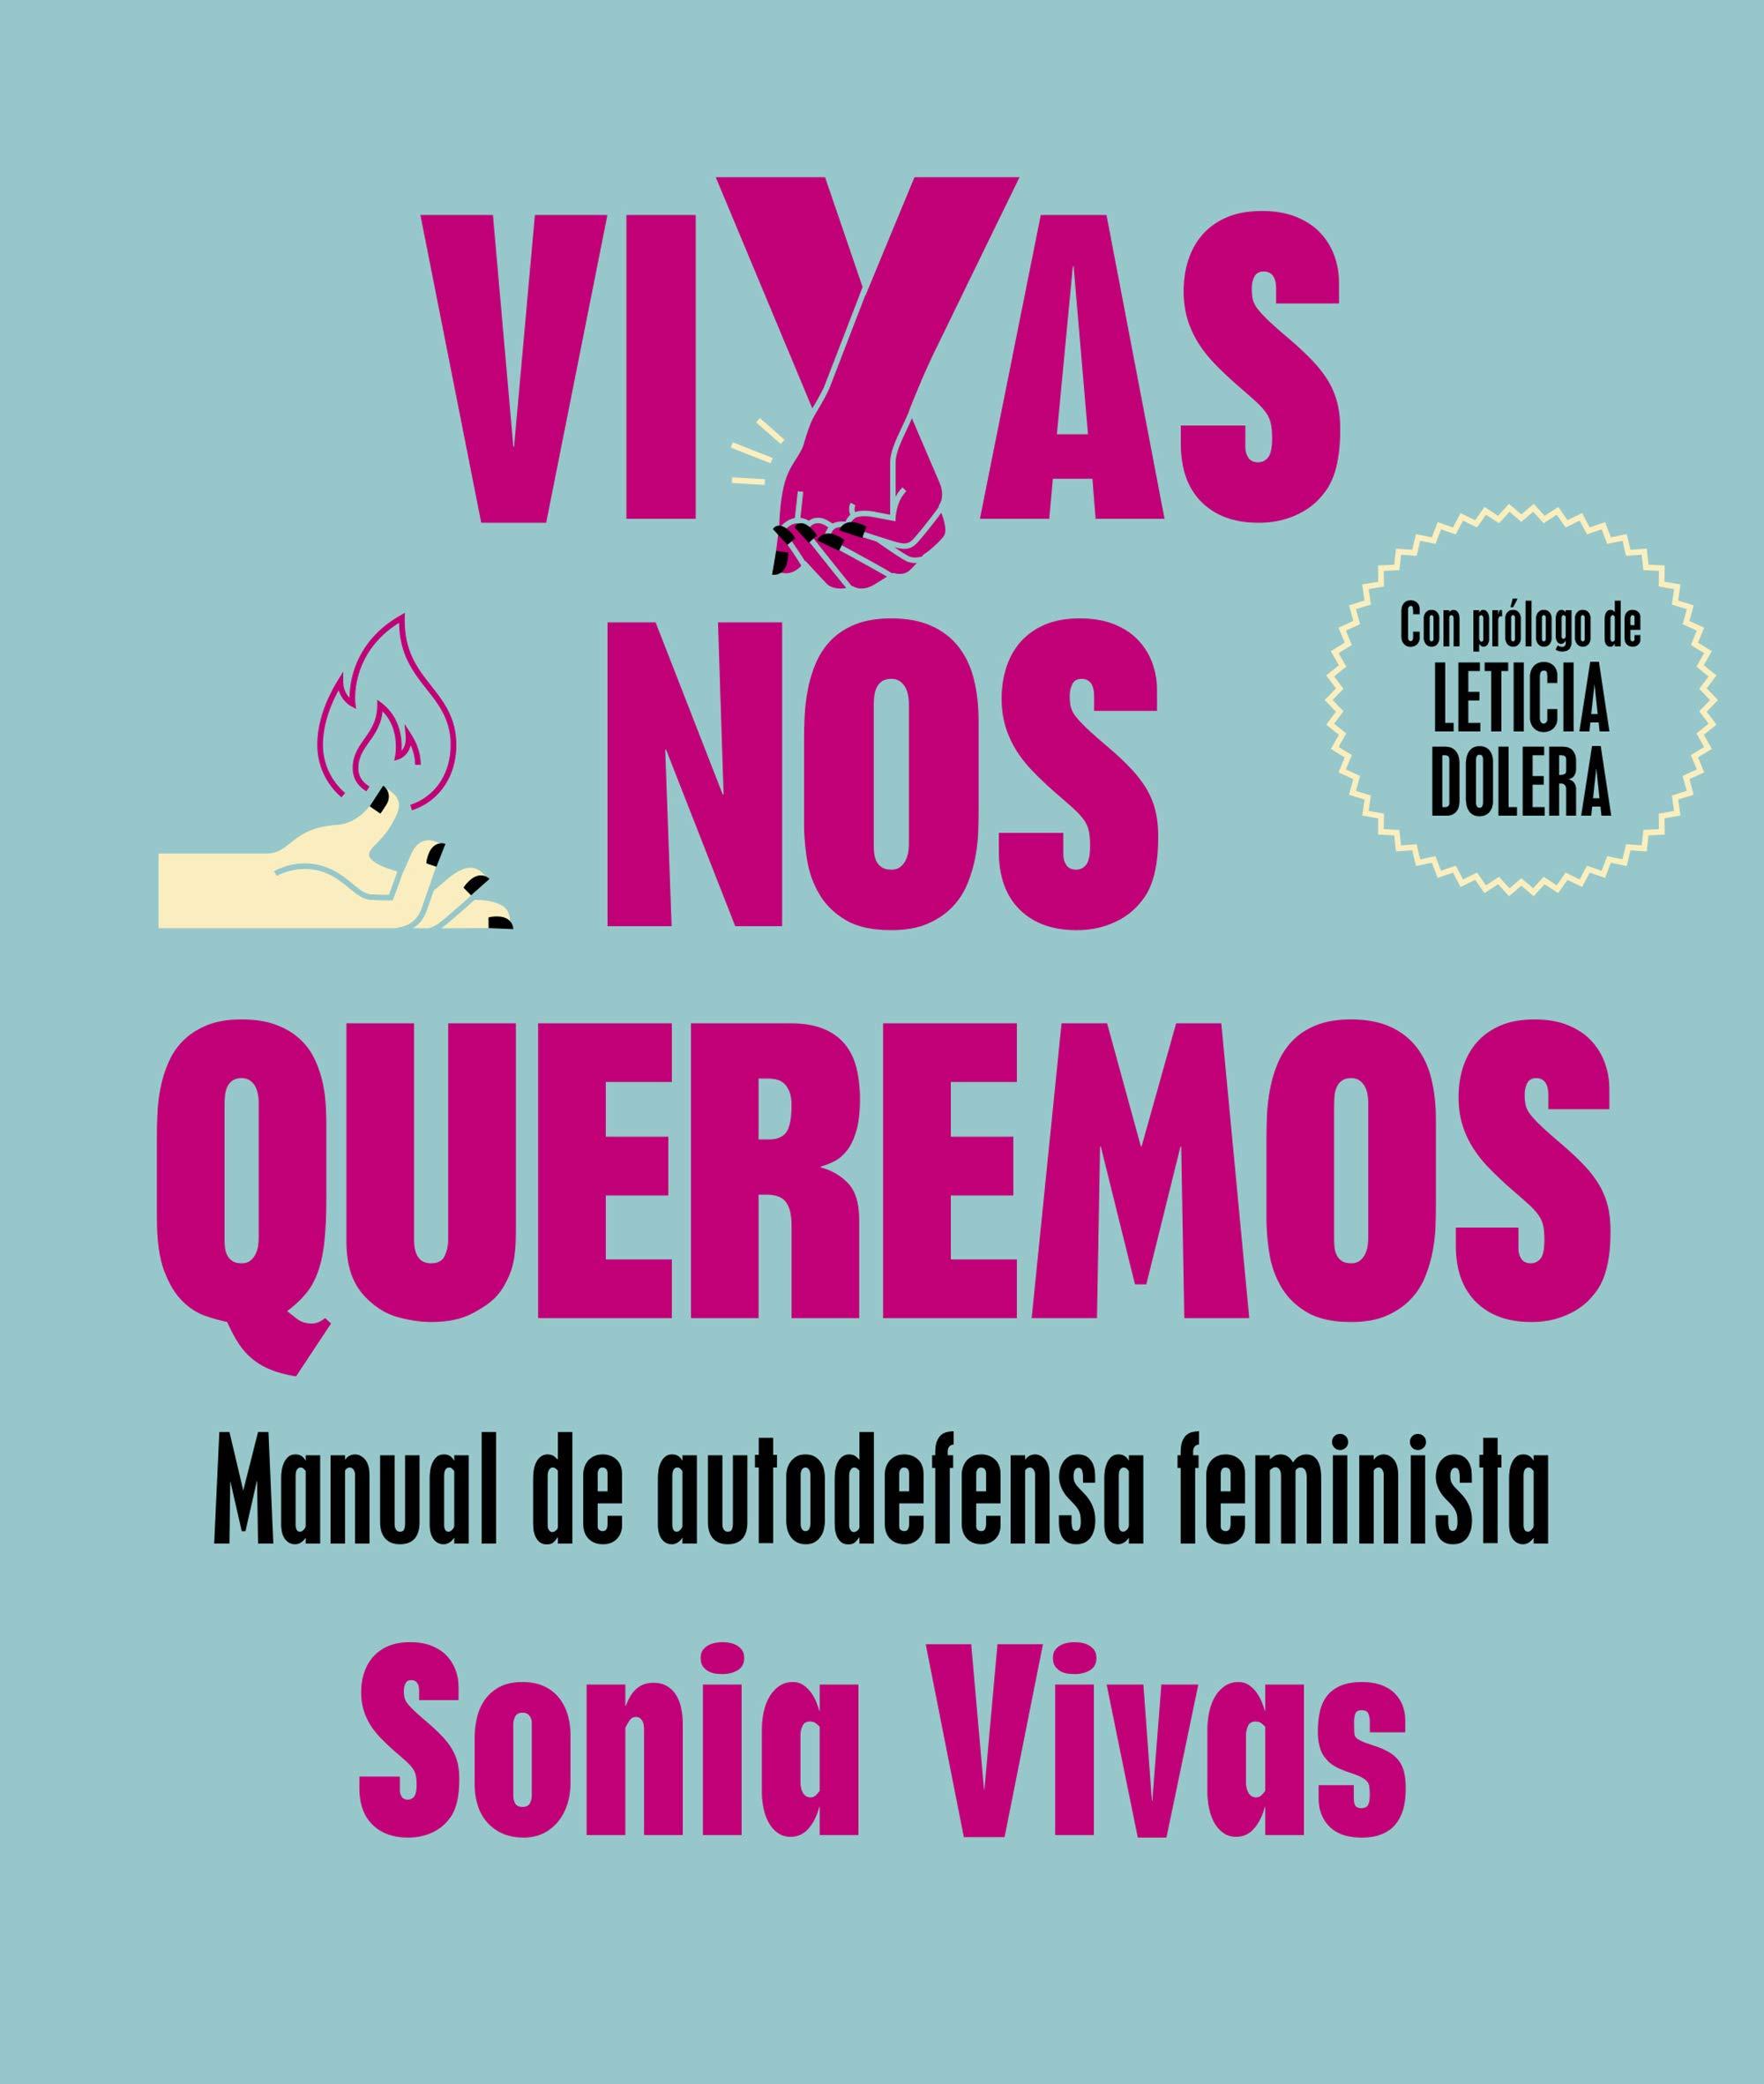 Vivas nos queremos: Manual de autodefensa feminista No ficción ilustrados: Amazon.es: Vivas, Sonia: Libros